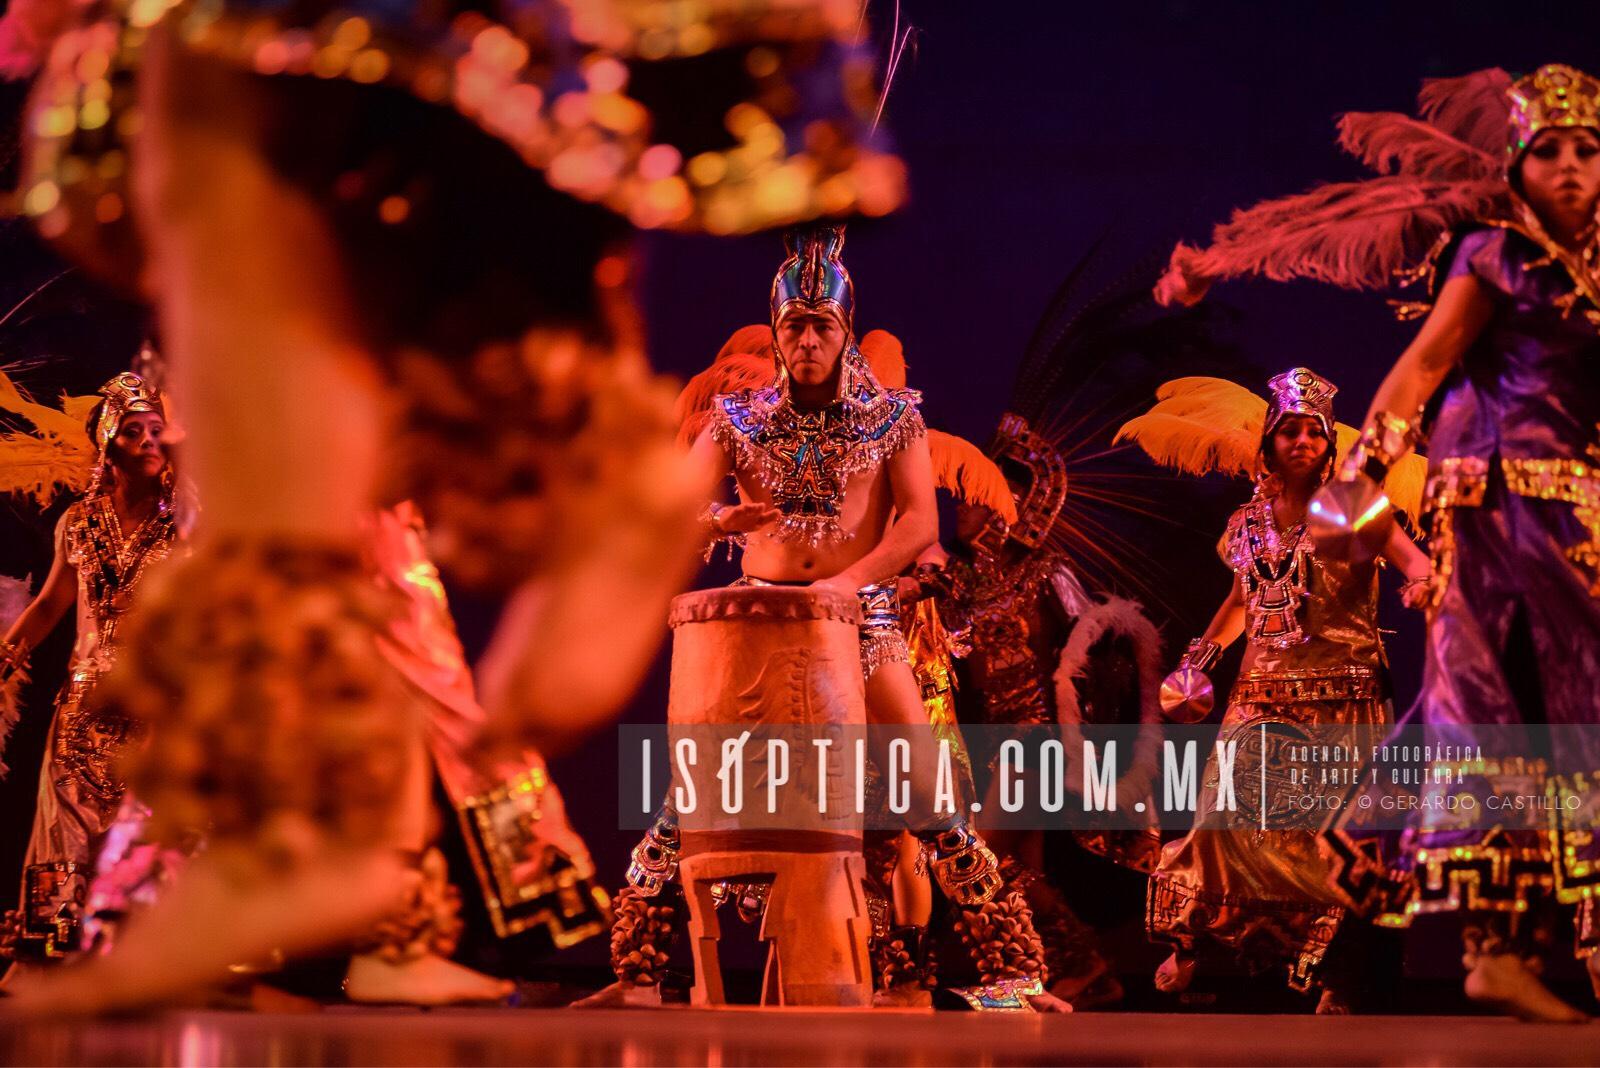 Ballet_FolcloricoEdoMex_Foto-GerardoCastillo-ISOPTICA_